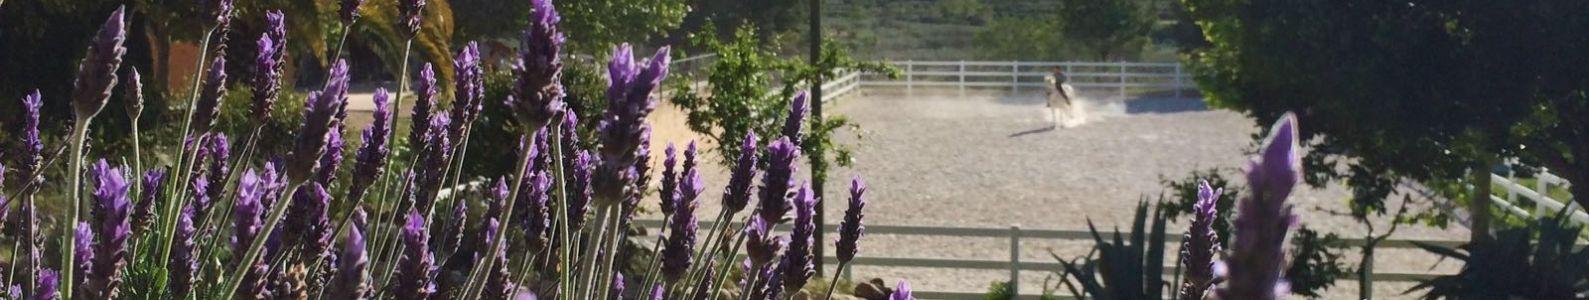 Actividades. :: casa rural valencia casa rural con granja  casa rural con cuadras caballos relajación spa terapias productos ecológicos comida casera sana